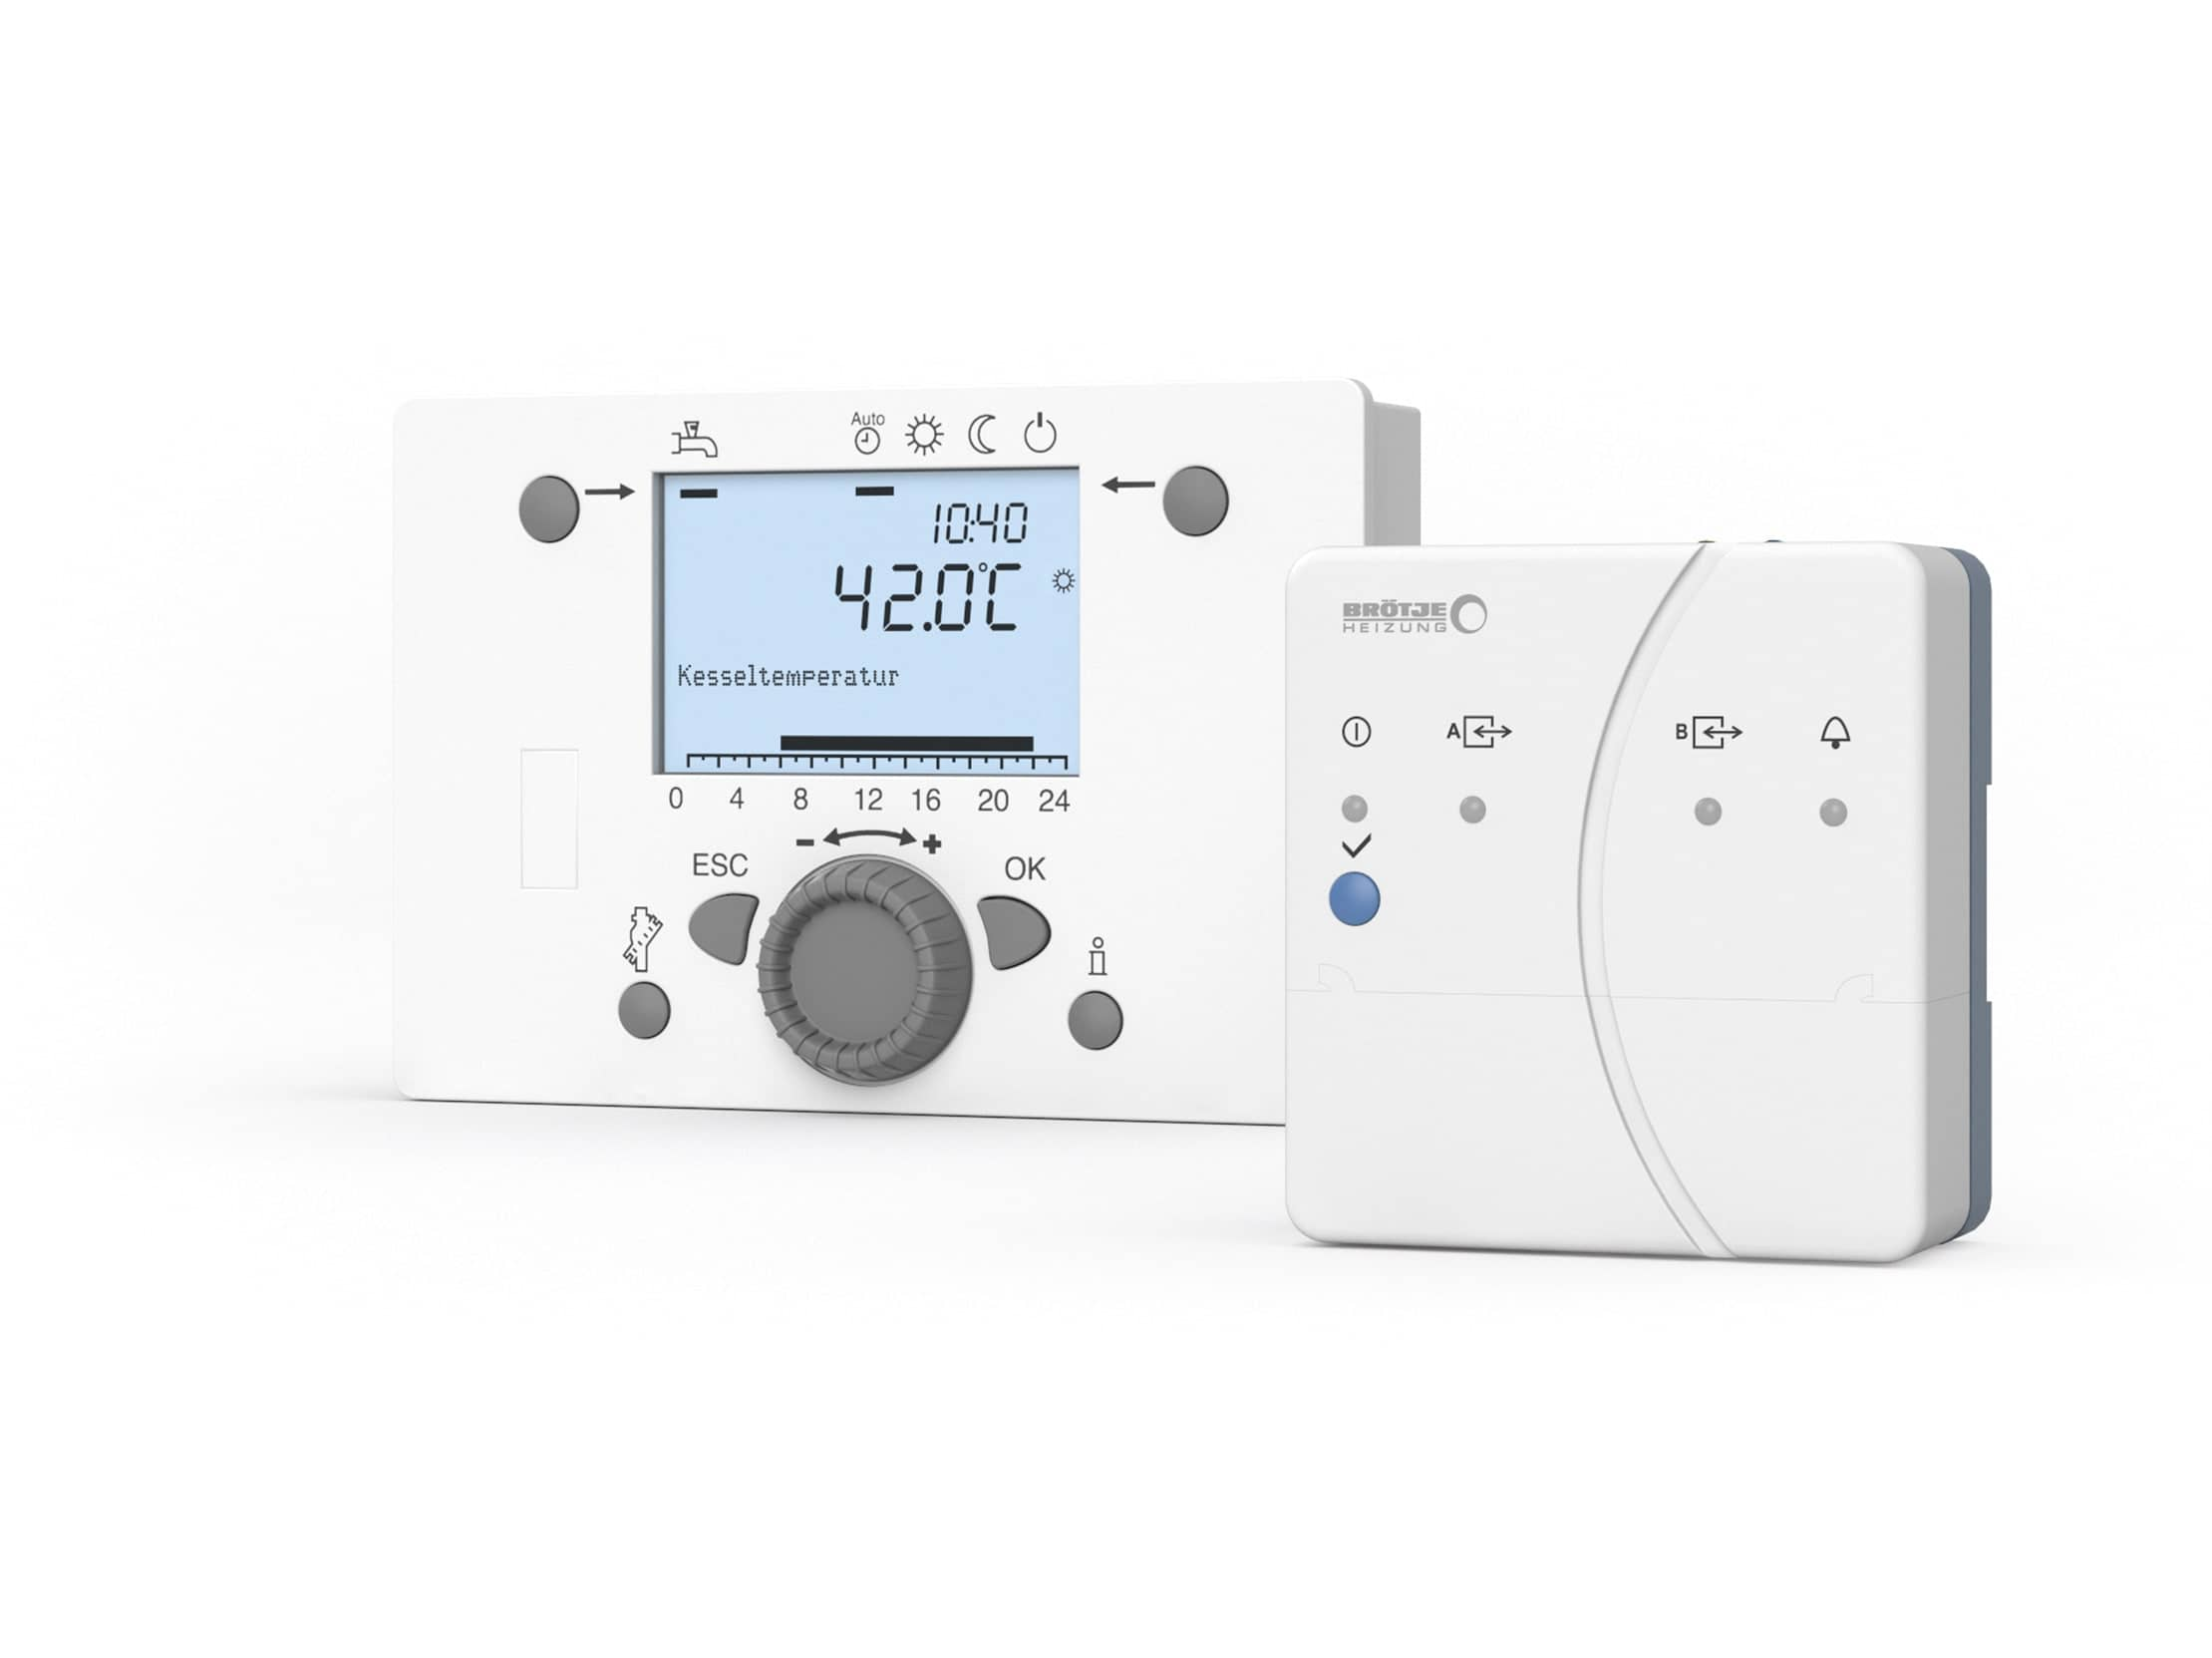 Produktbild der Regelung ISR OZW IKS in weiß mit grauen Bedienelementen.